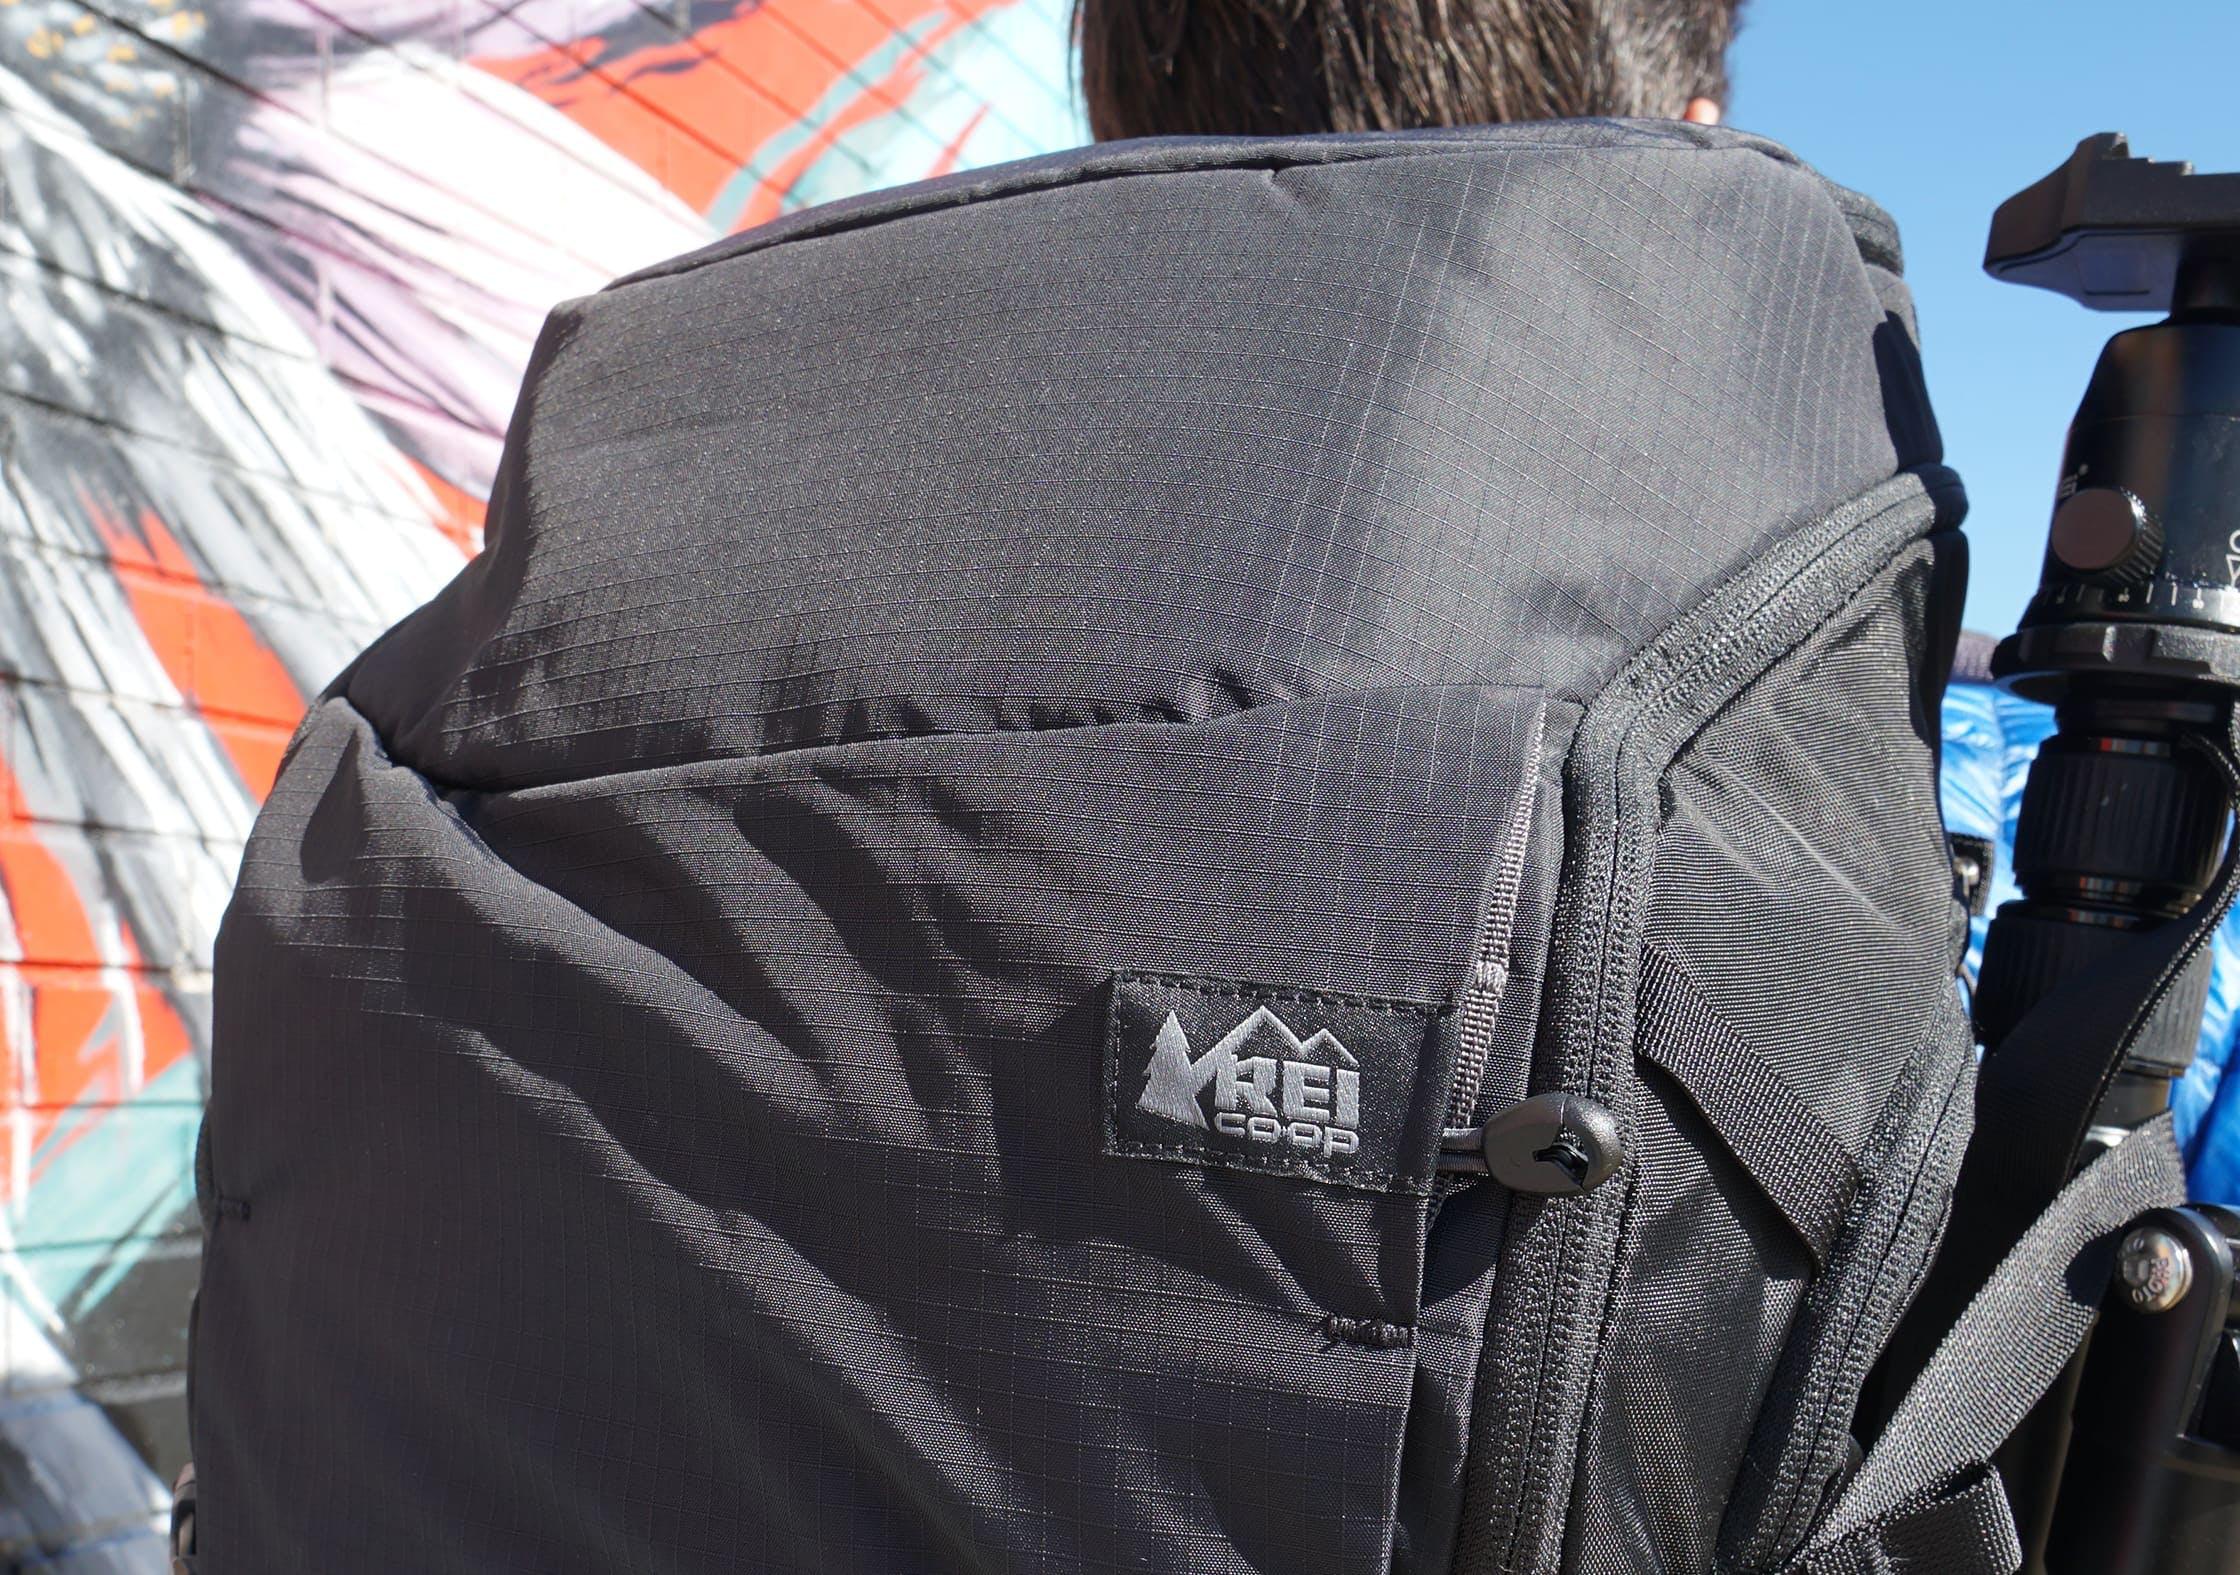 REI Ruckpack 40 Branding